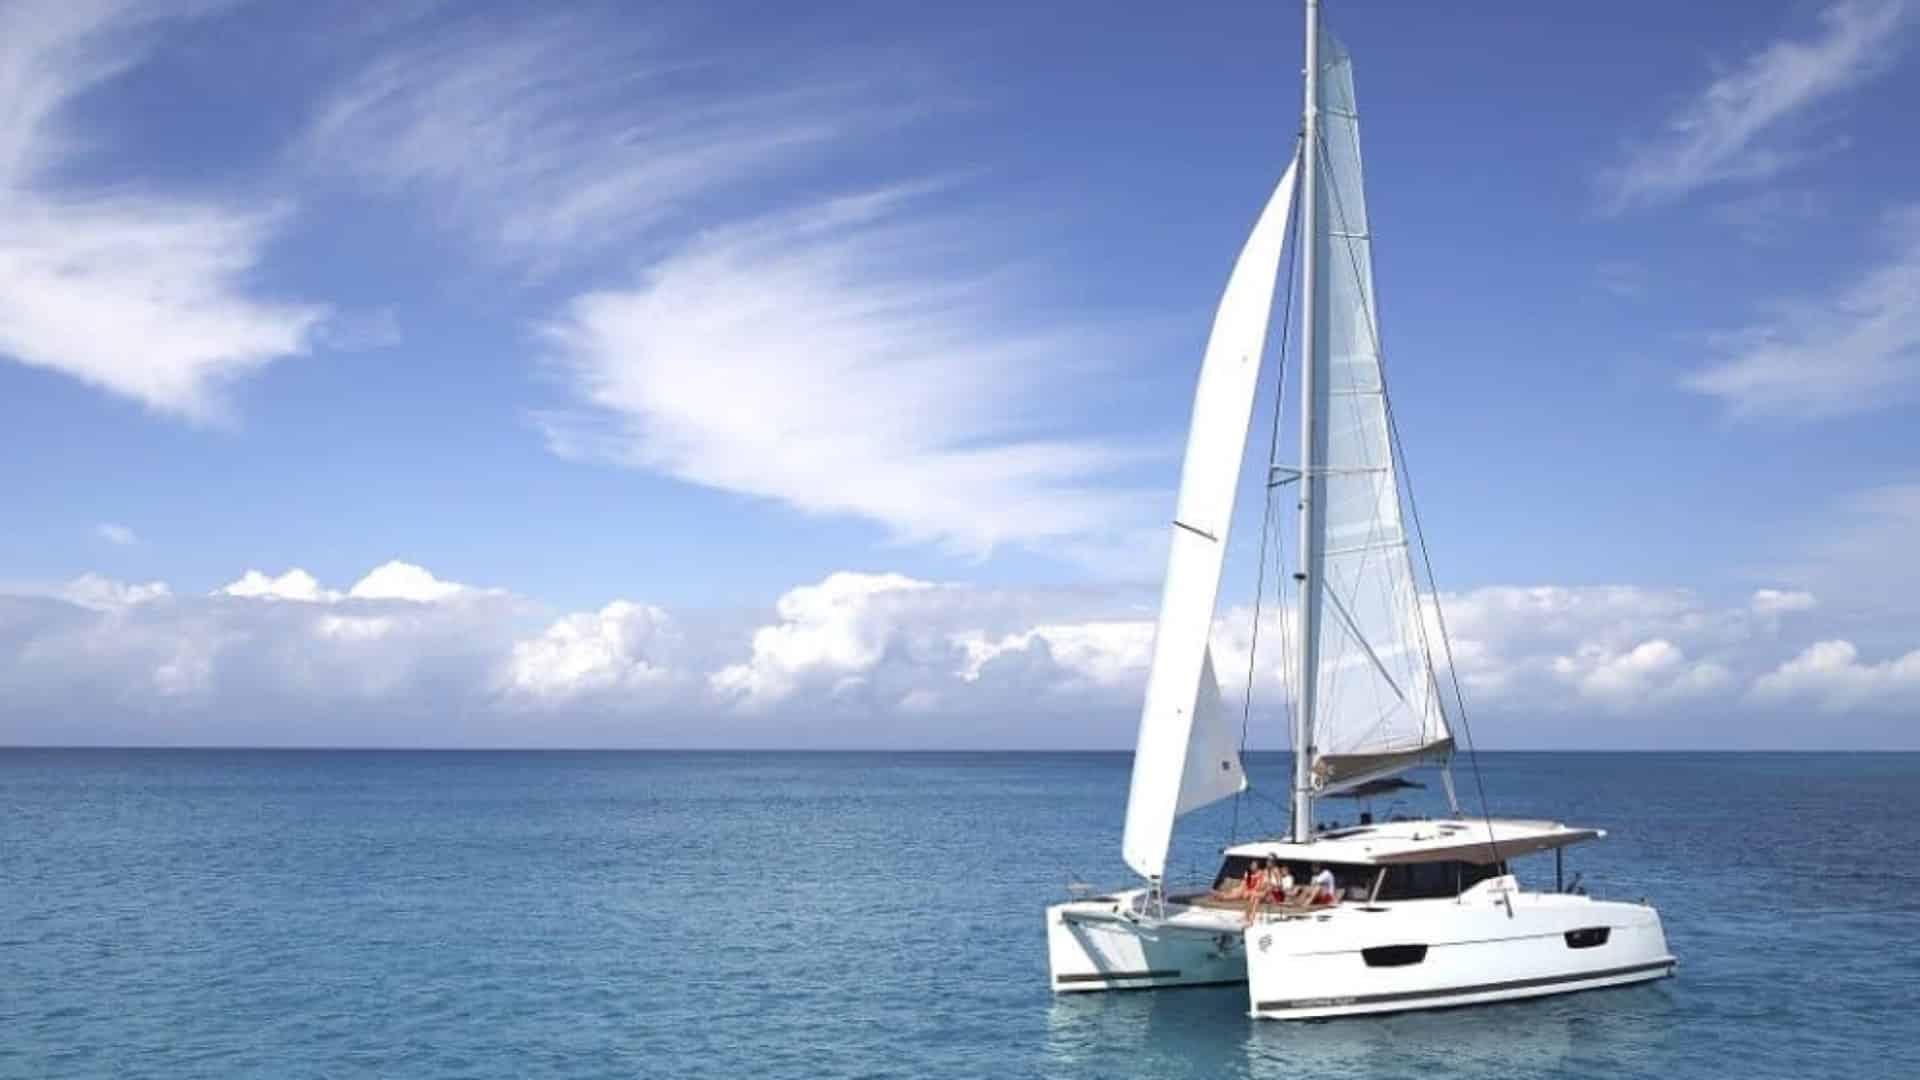 Mandurah Boat Show